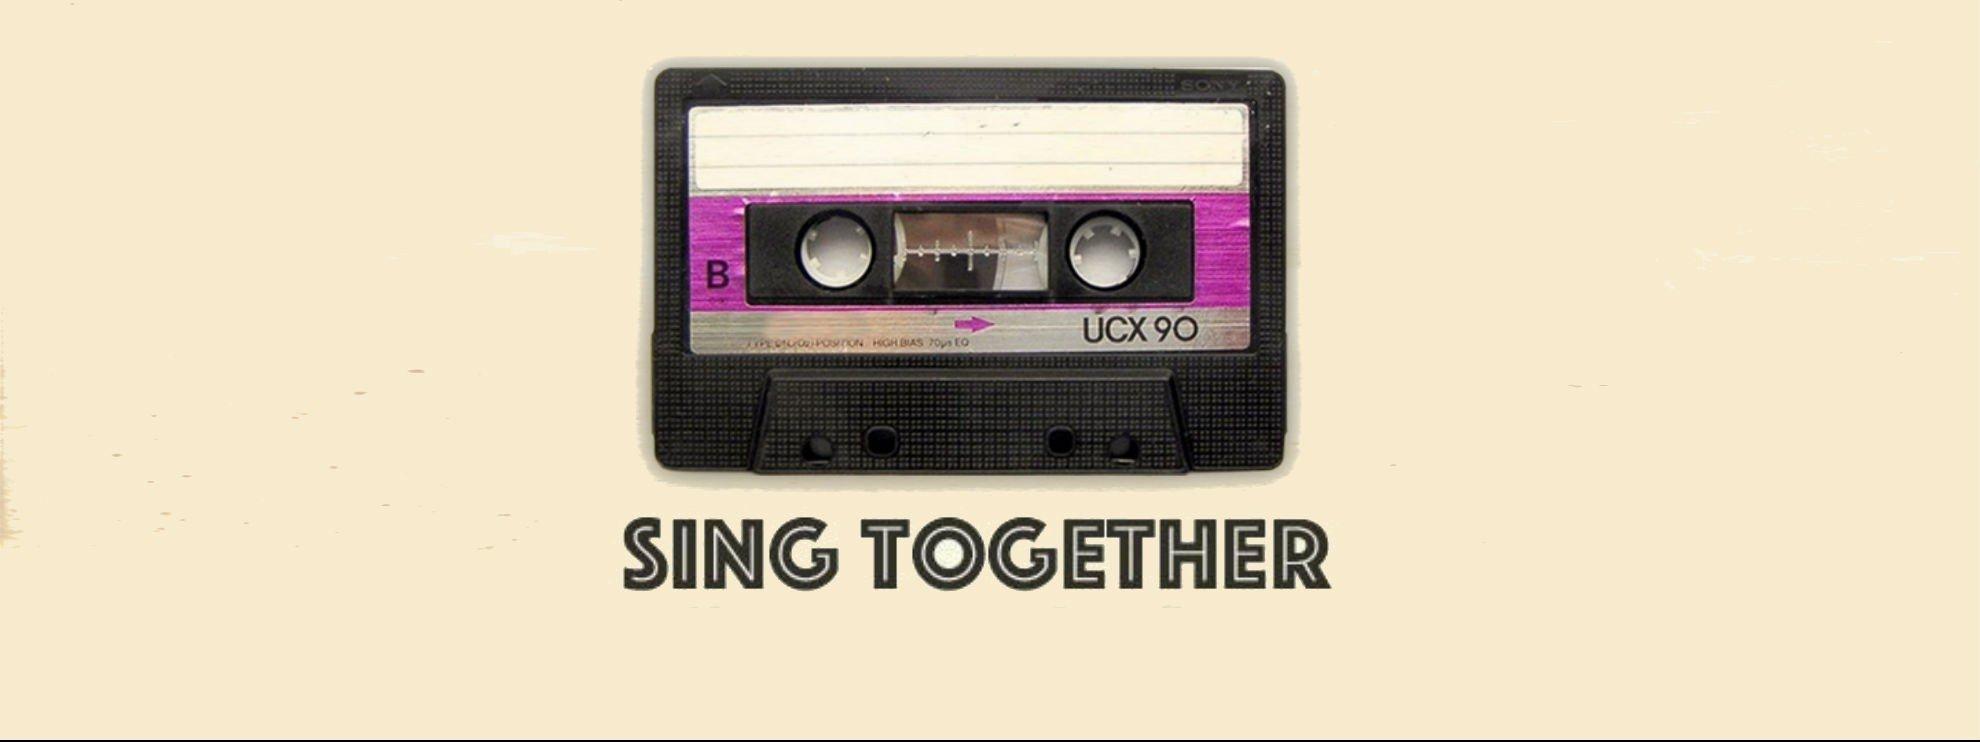 исполнитель Sing Together (Синг Тугезе)